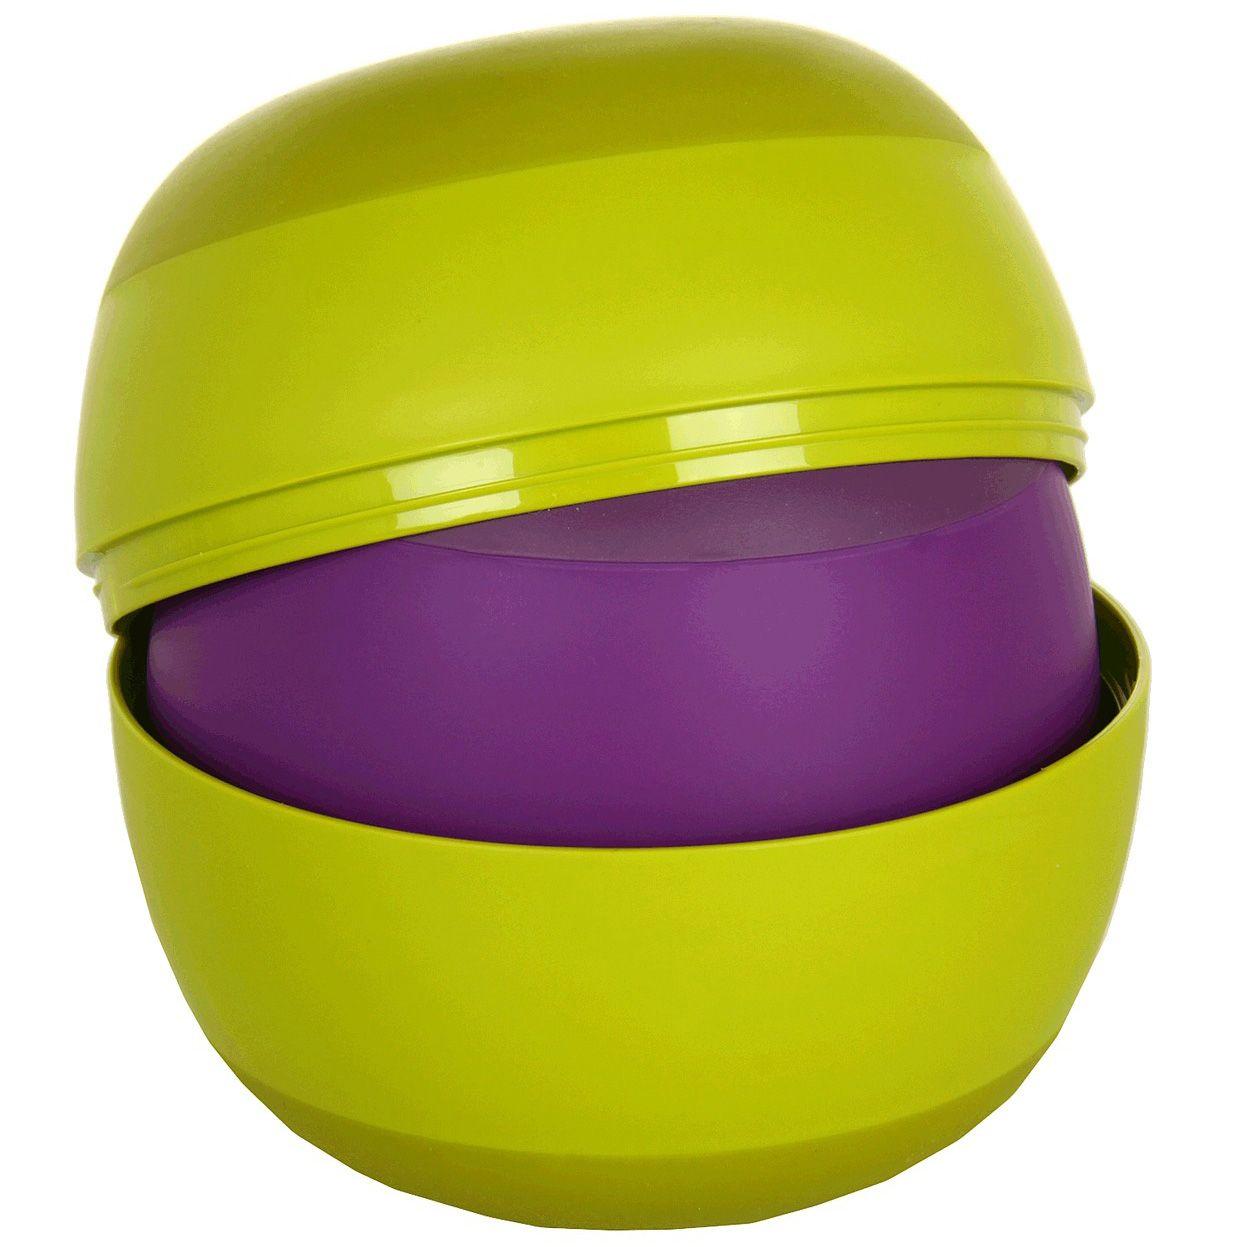 Набор Joseph Joseph Prep&Store из мисок-контейнеров зелень и пурпур